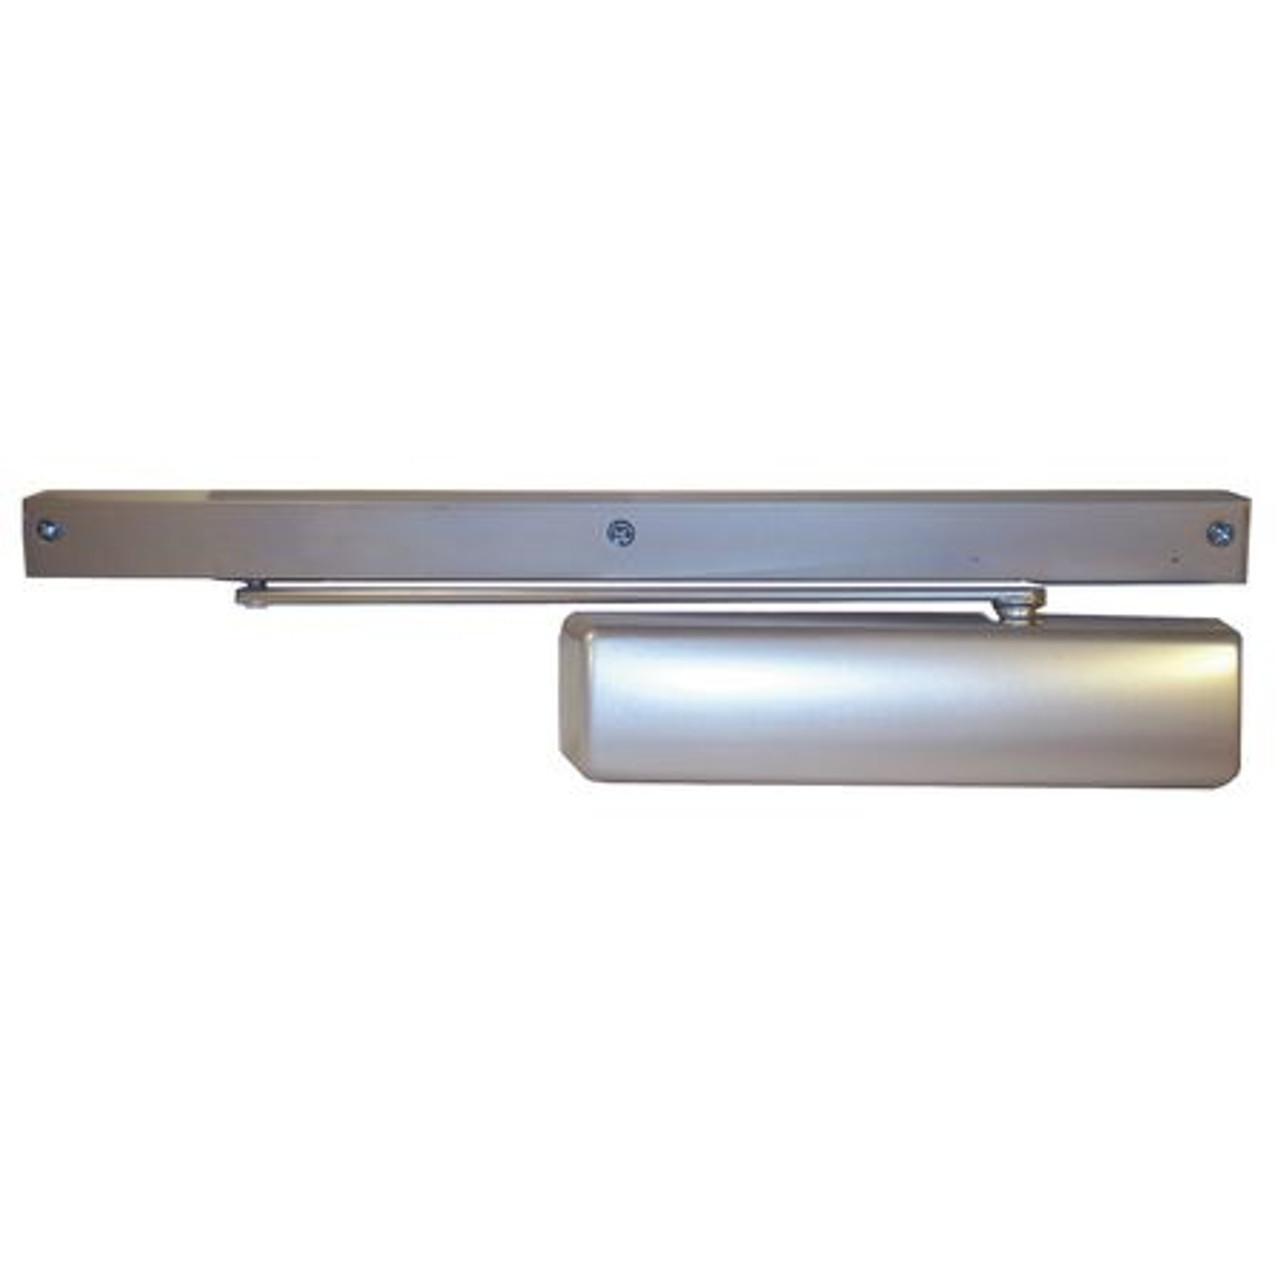 Norton 2800st Series Cam Action Door Closer. Heaters For Garage. Garage Door Designs Do Yourself. Amana French Door Refrigerator Reviews. Garage Door Alignment. Tall White Cabinet With Doors. Security Storm Doors. Garage Window Treatments. Custom Garage Shelving